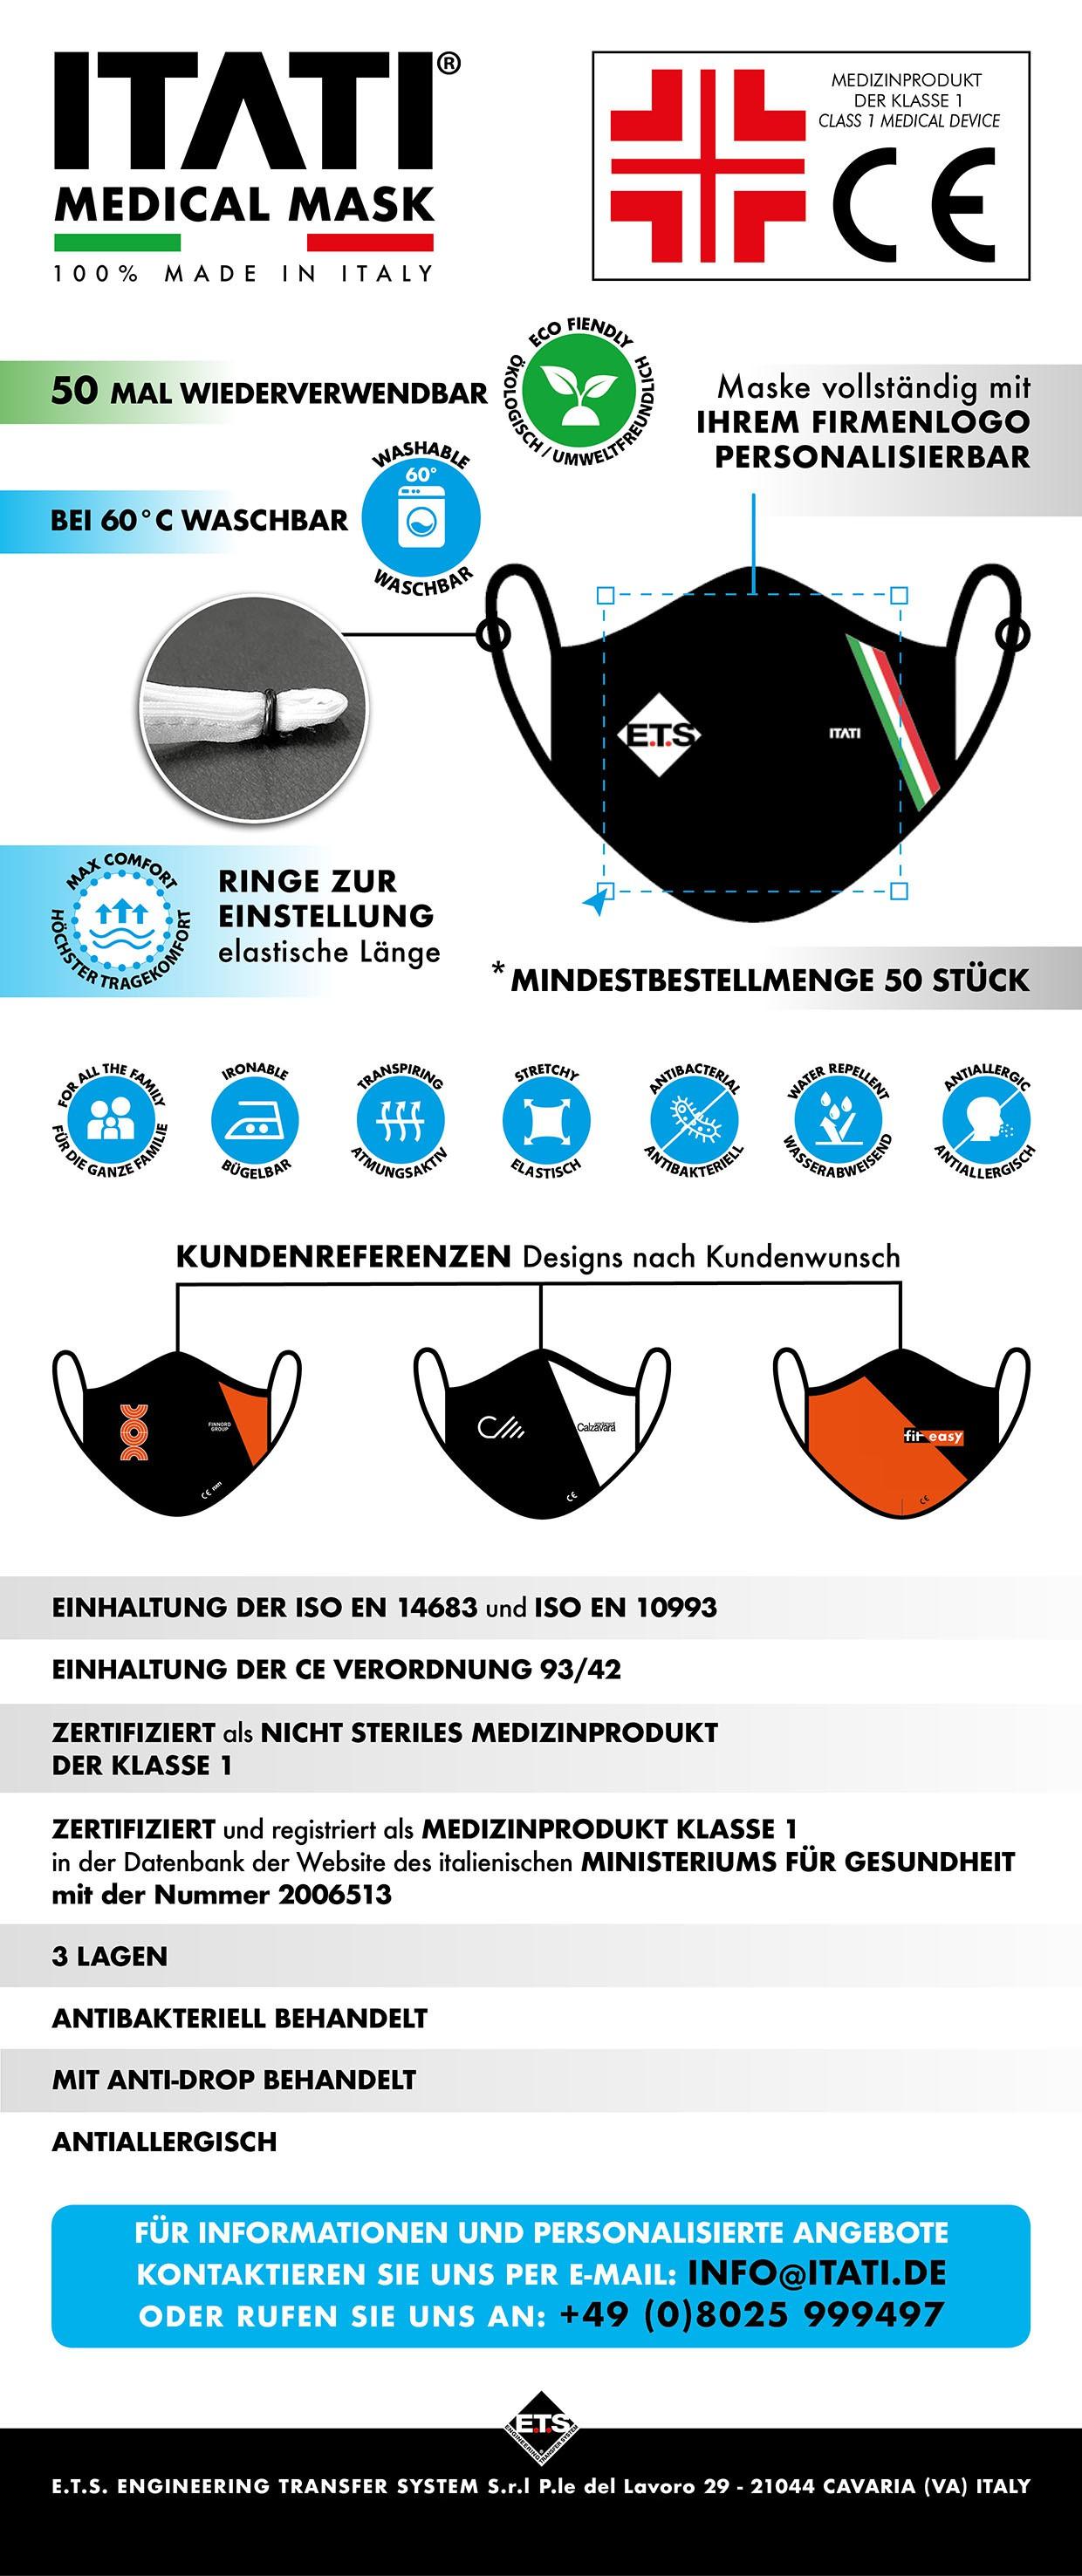 Flyer-Air-Mask-nach-Kundenwunsch_ITATI_021220